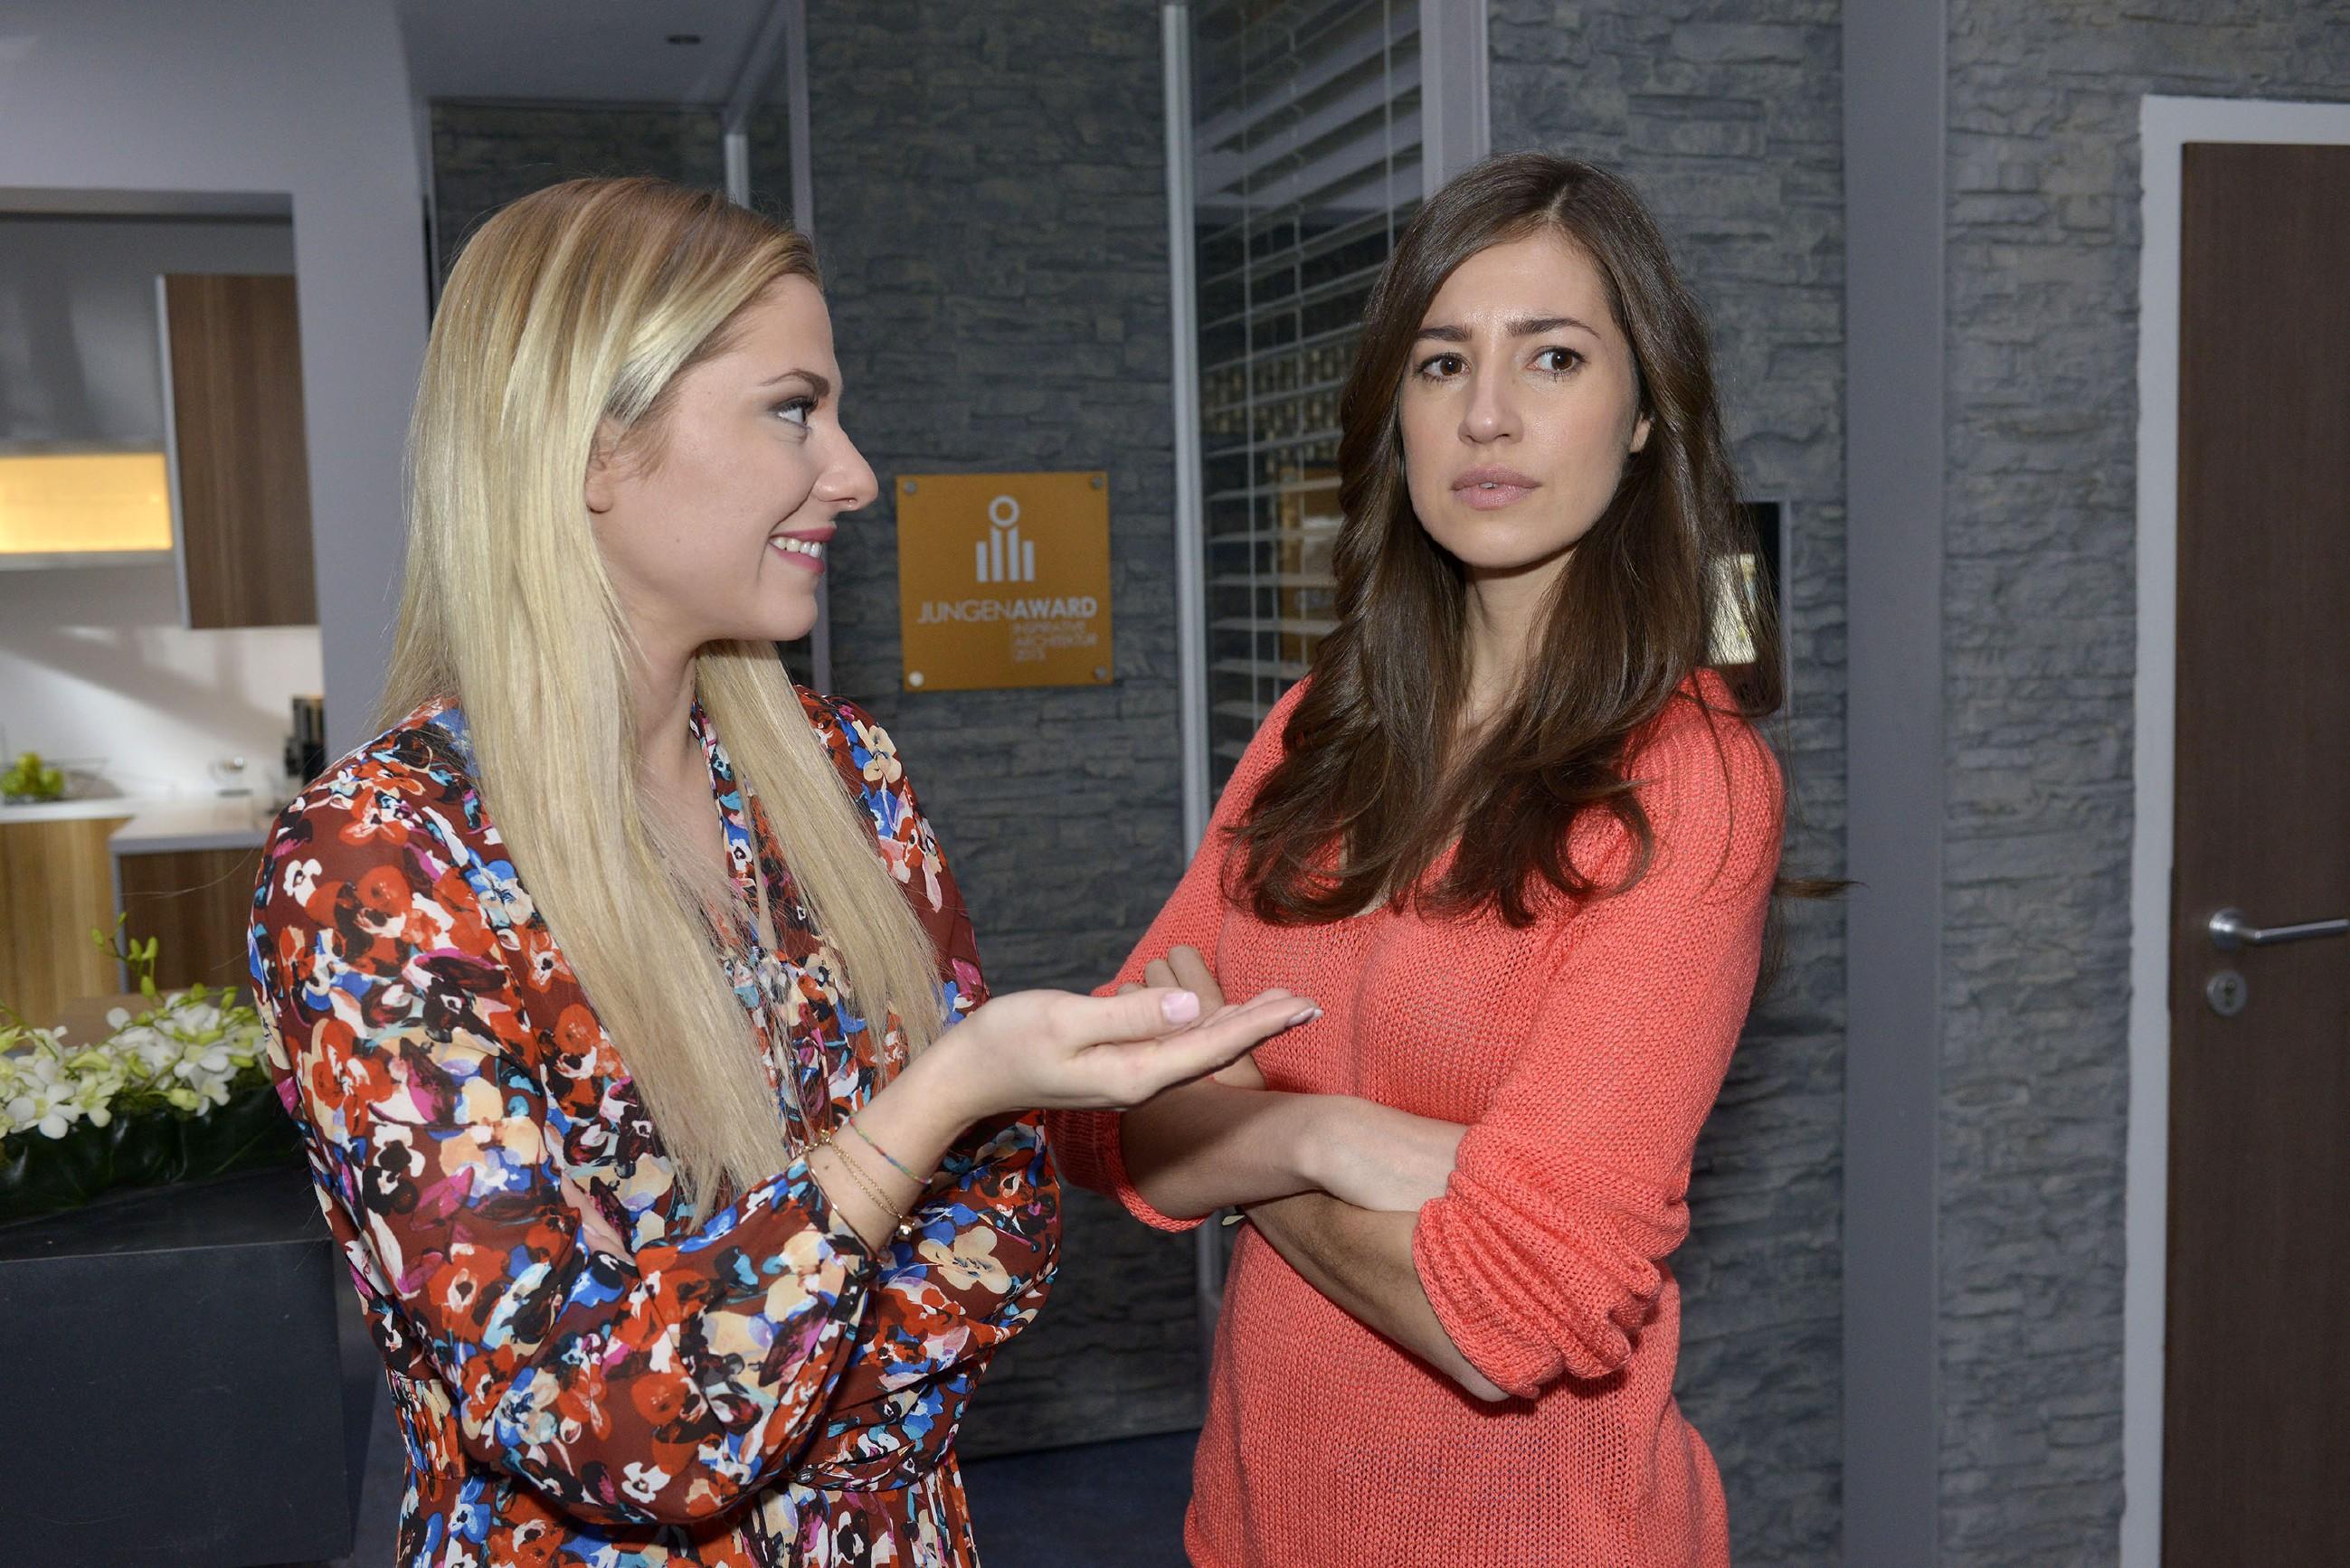 Elena (Elena Garcia Gerlach, r.) tut ihren Moment der Schwäche für Gerner als Hirngespinst ab, bis sie von Sunny (Valentina Pahde) erfährt, dass dieser in der letzten Nacht offenbar Sex mit Frau Heinrichs hatte. (Quelle: RTL / Rolf Baumgartner)